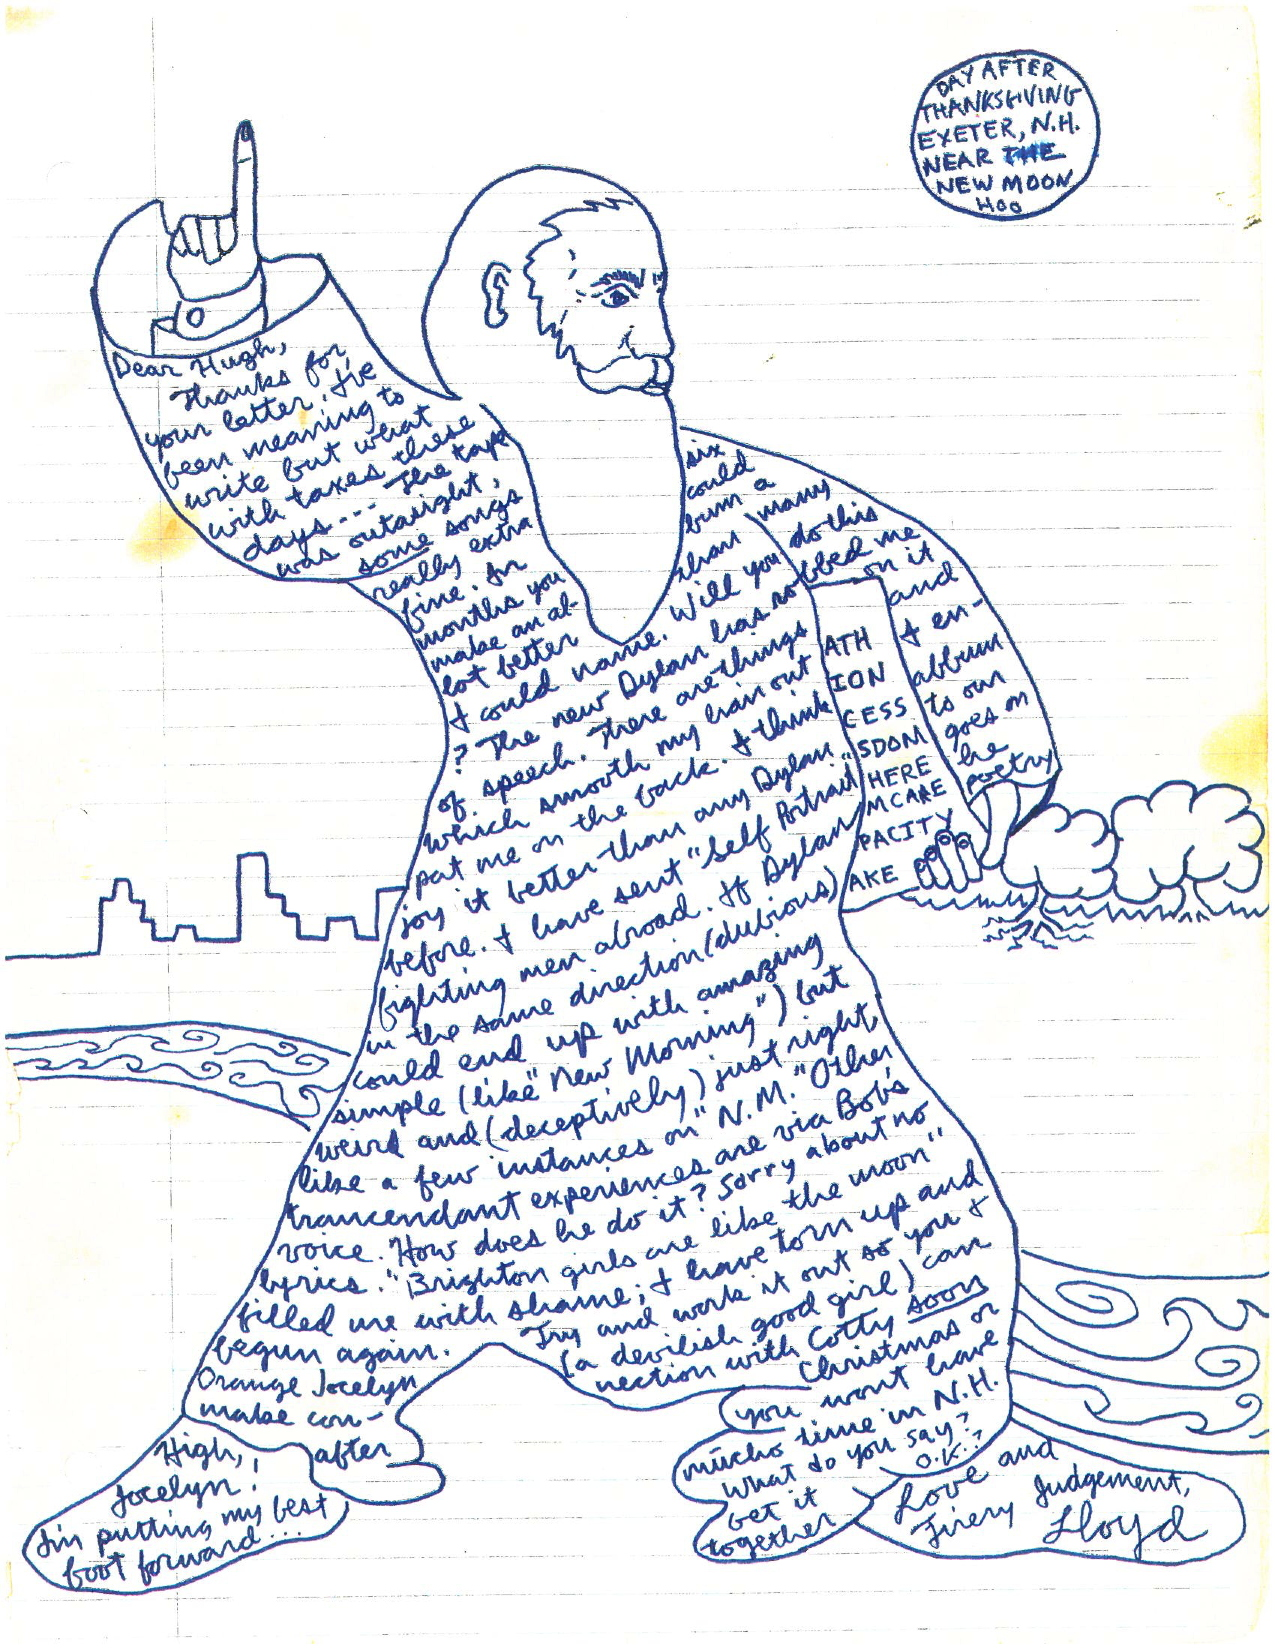 LWF letter to Hugh 1970